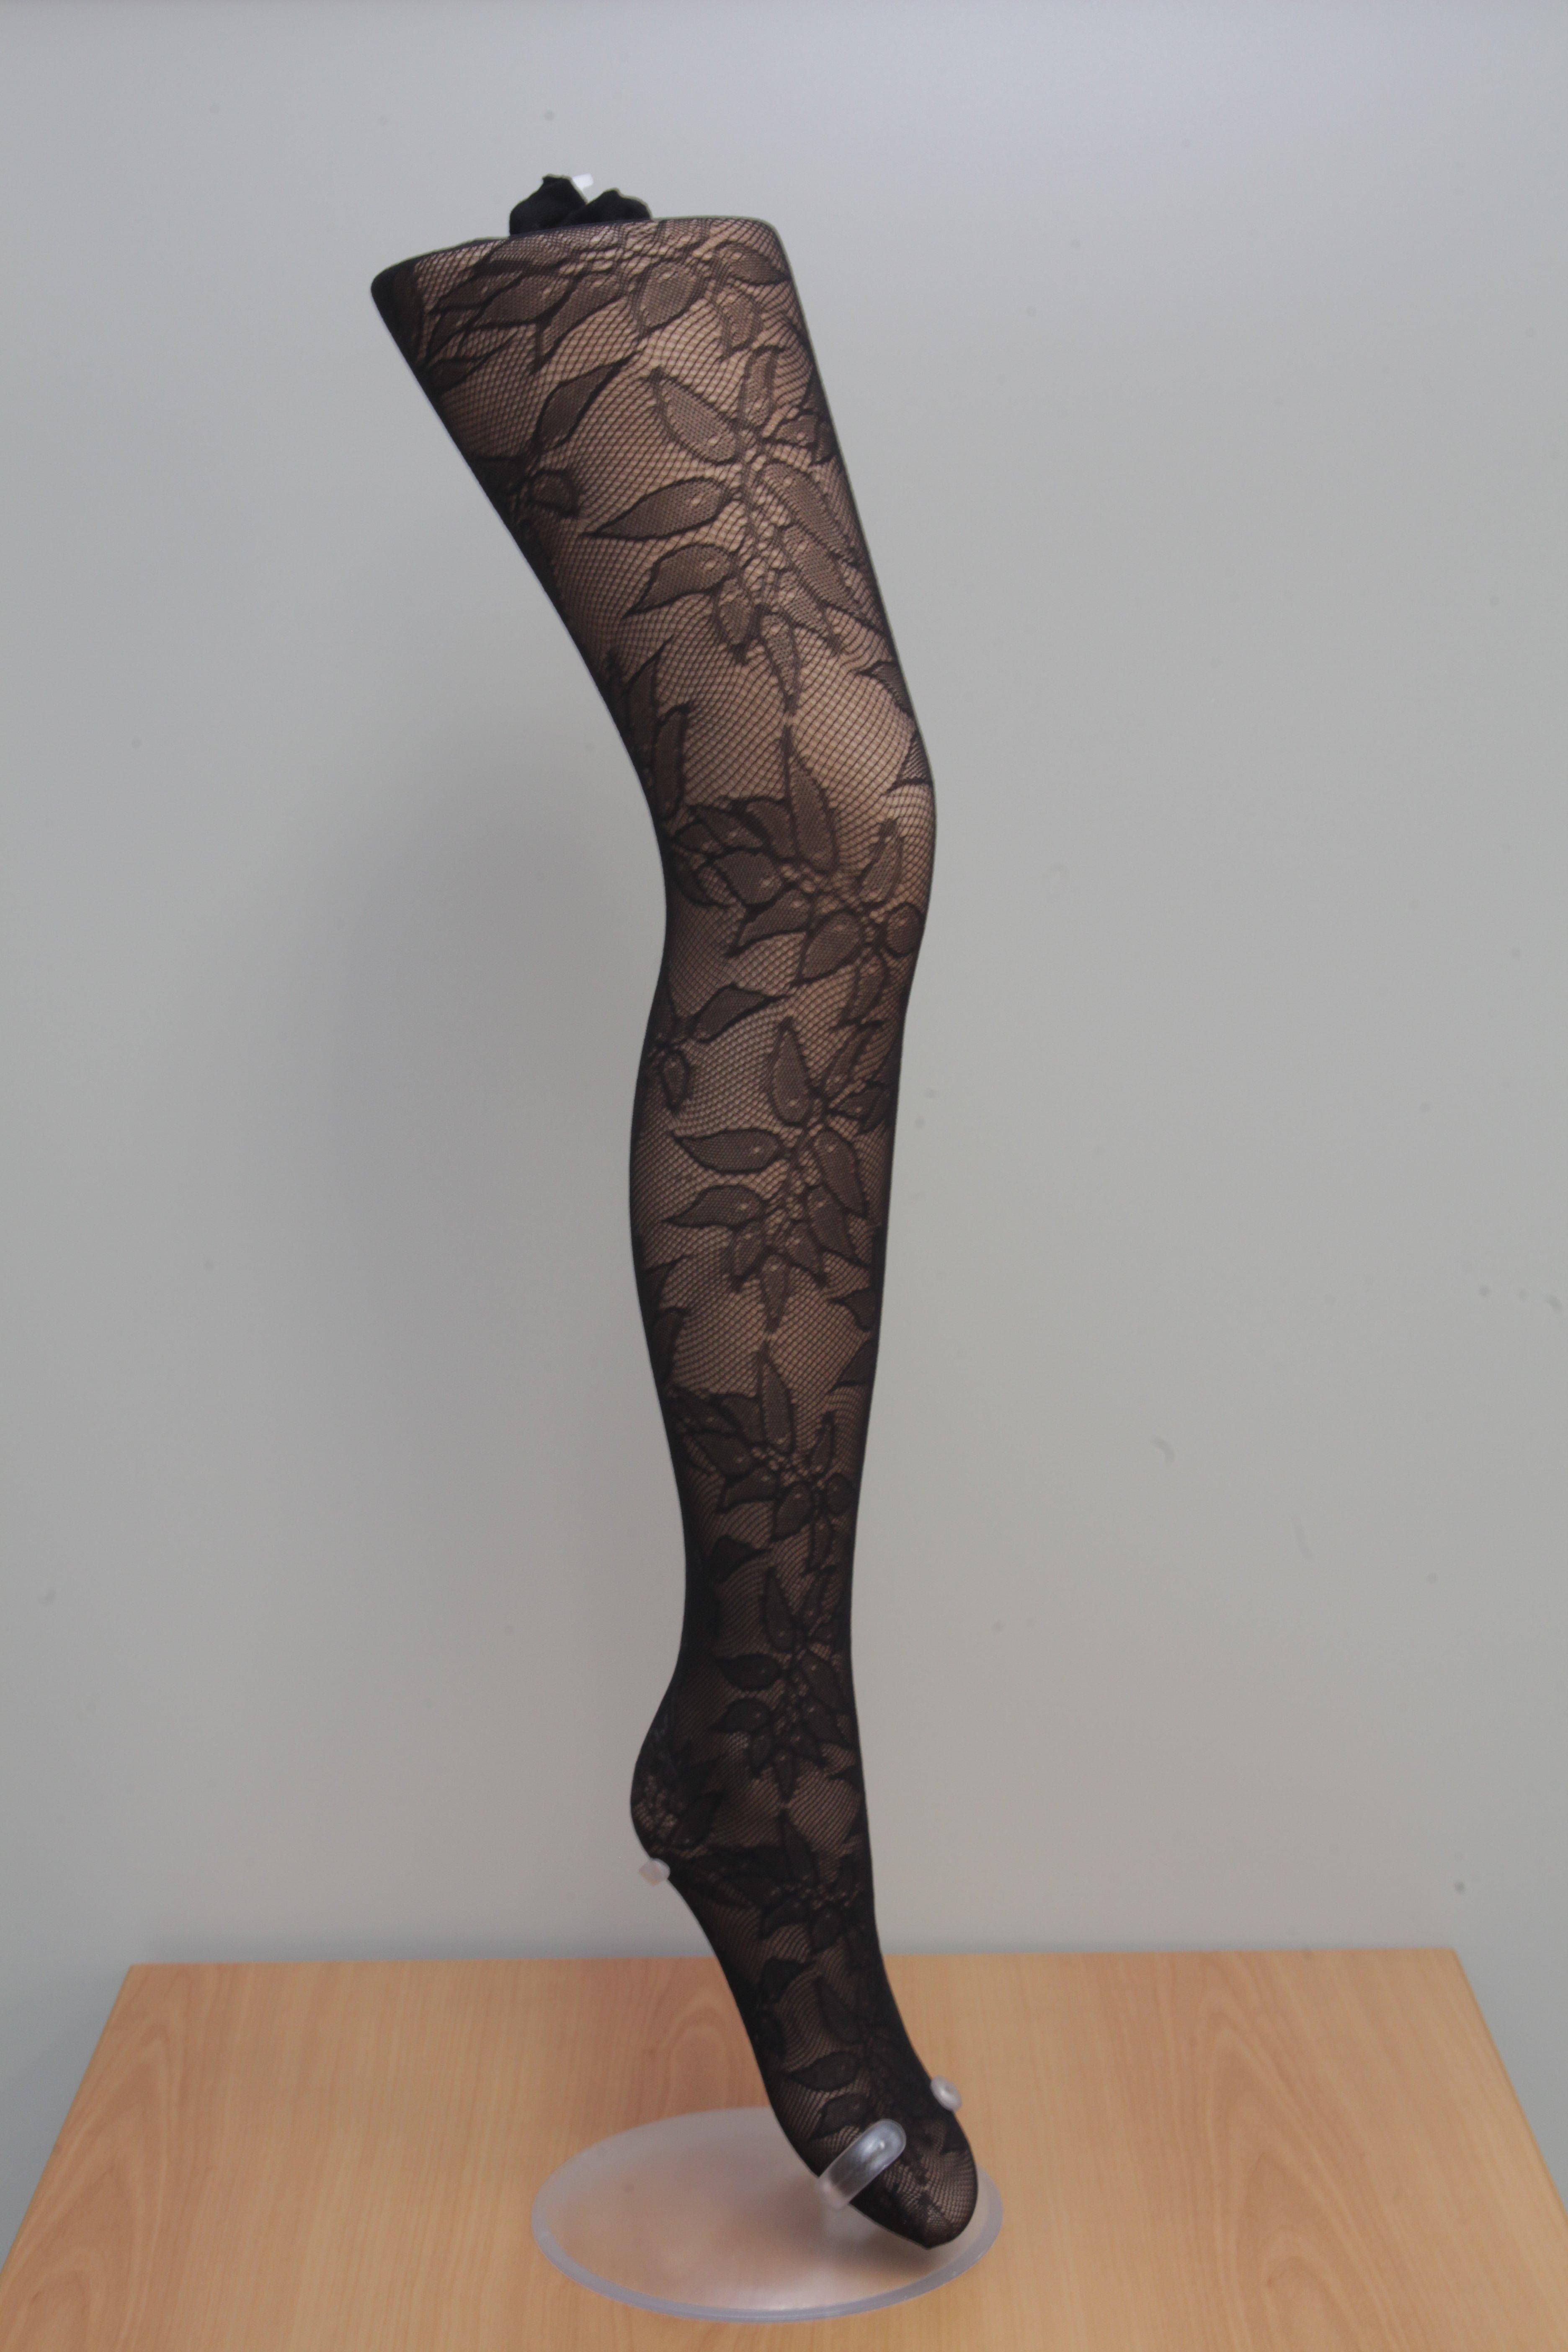 Una calza nera con motivi floreali